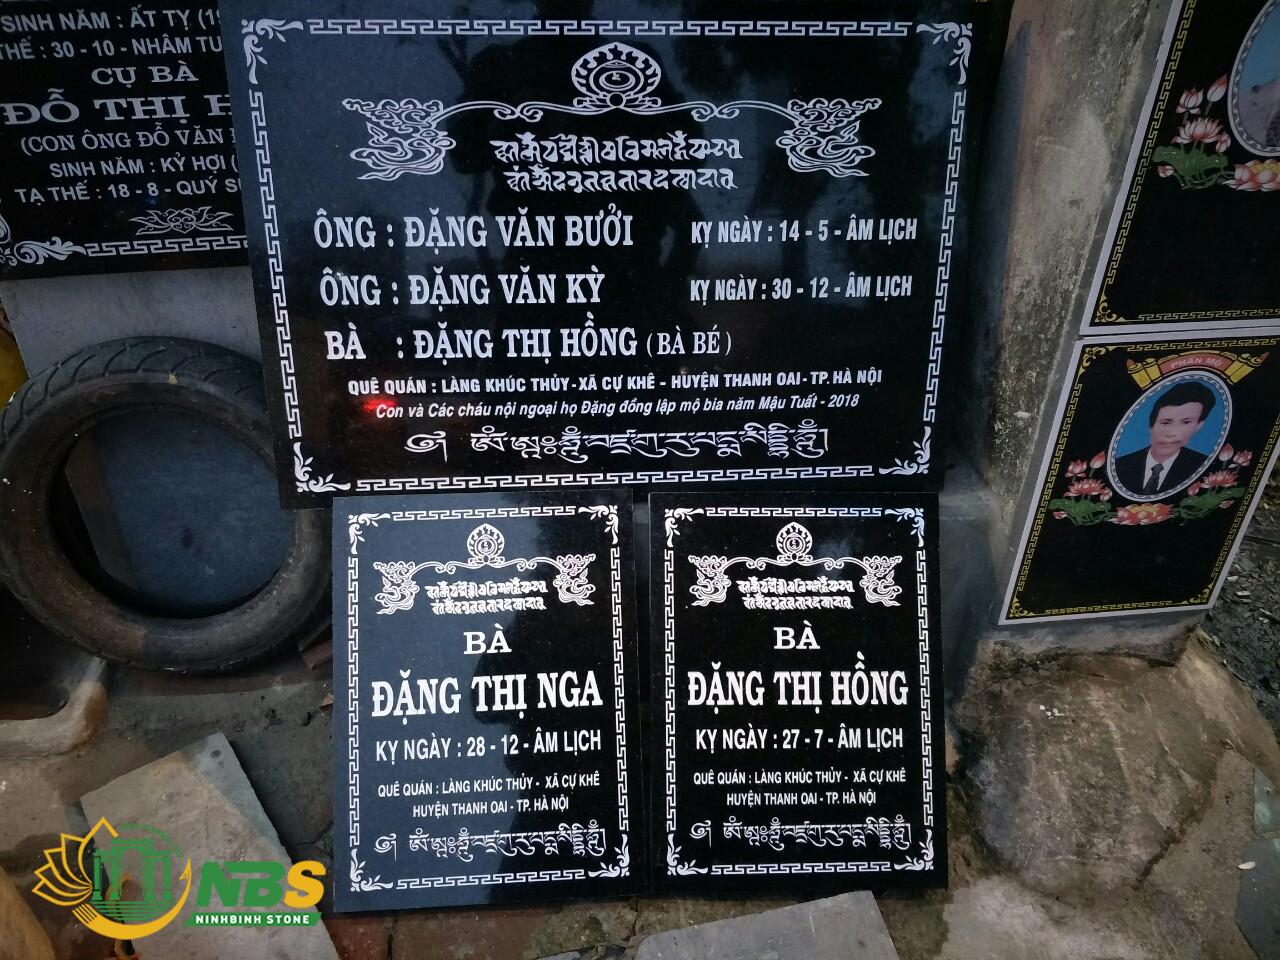 Hình ảnh chạm khắc mẫu bia mộ đẹp của Ninh Bình Stone